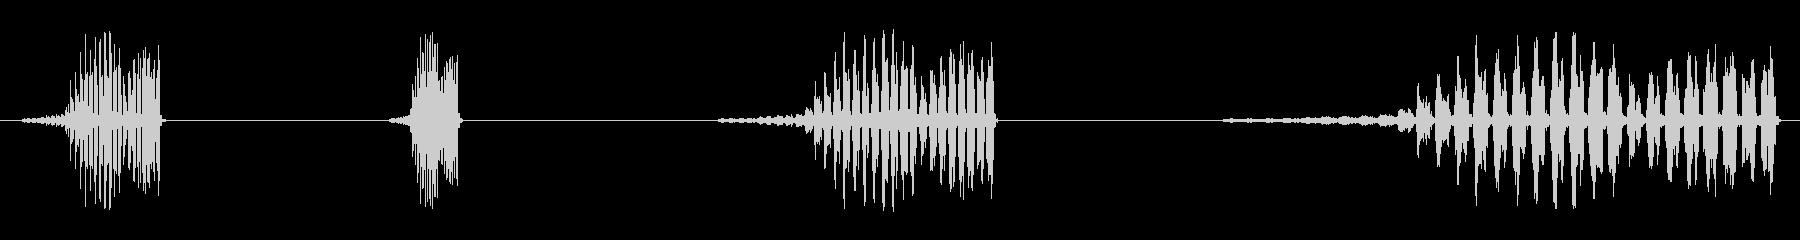 スペースザップ、4つのパルスブラス...の未再生の波形